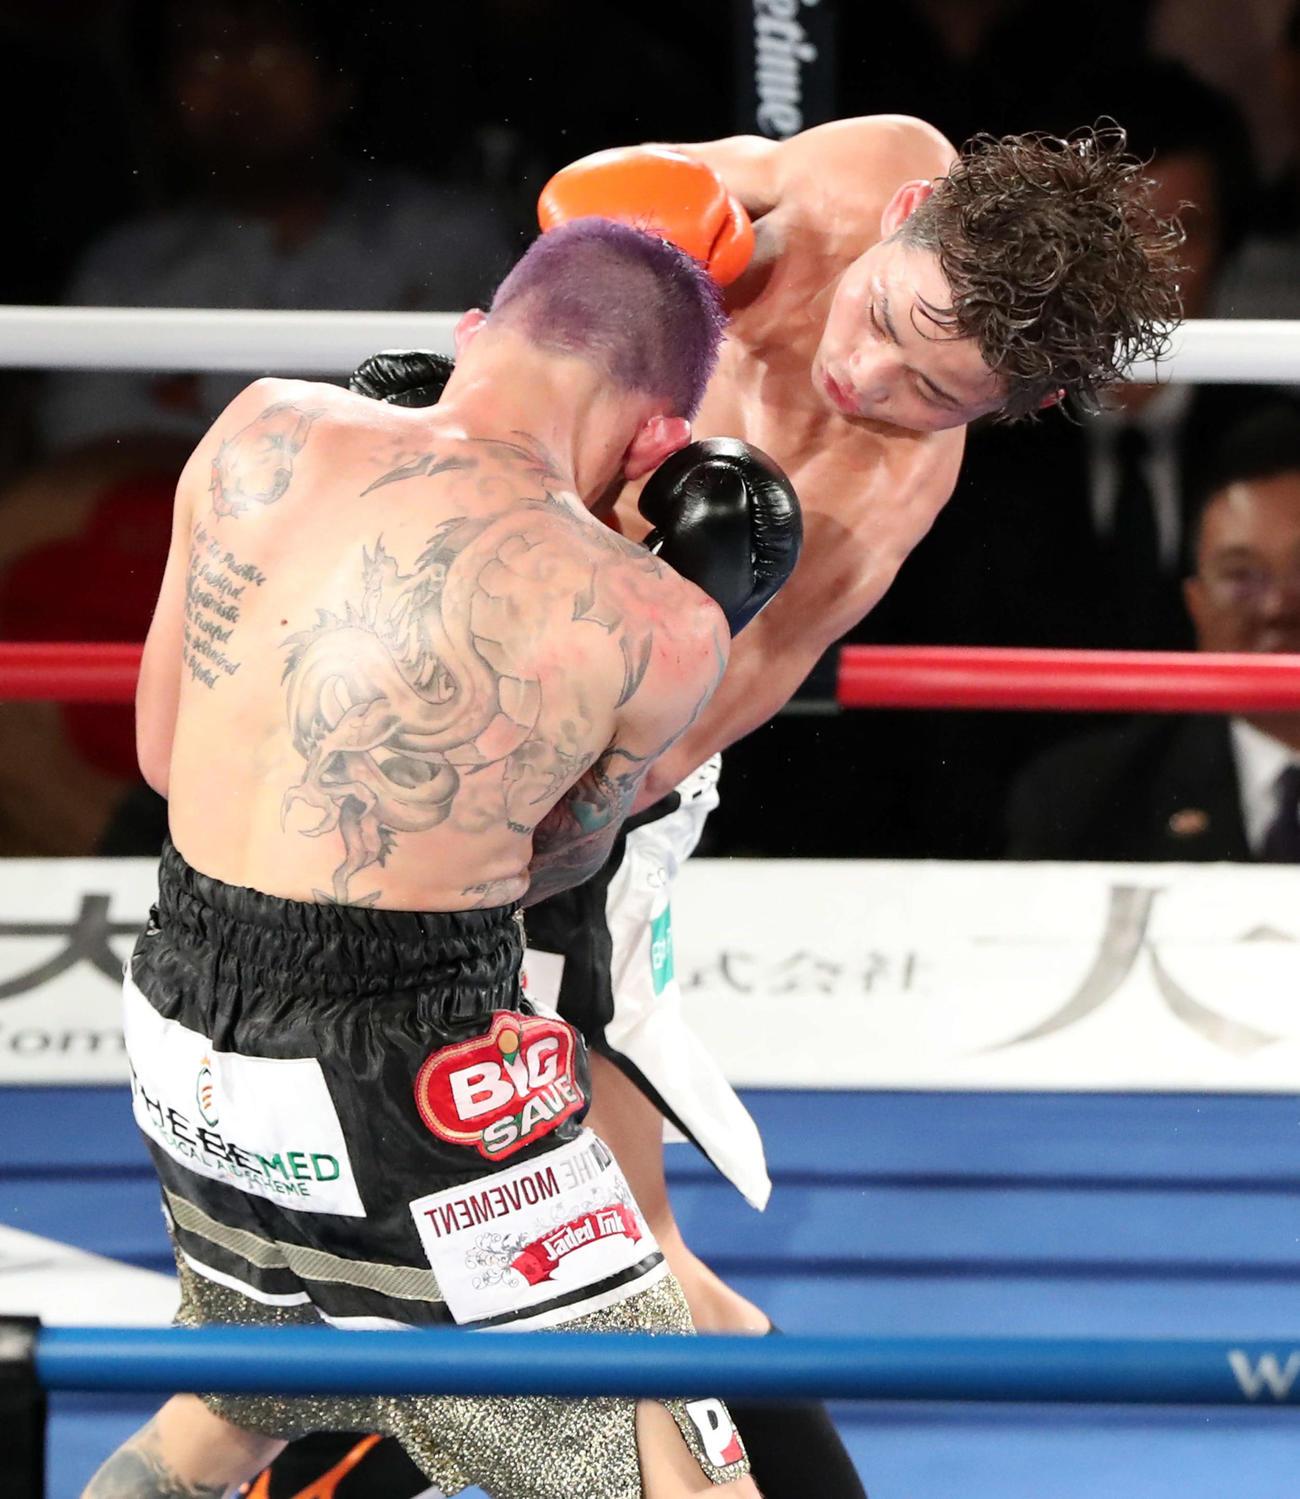 18年12月、辰吉丈一郎直伝の左ボディーを集めて王者を弱らせ、WBAスーパー世界ライトフライ級王座を獲得